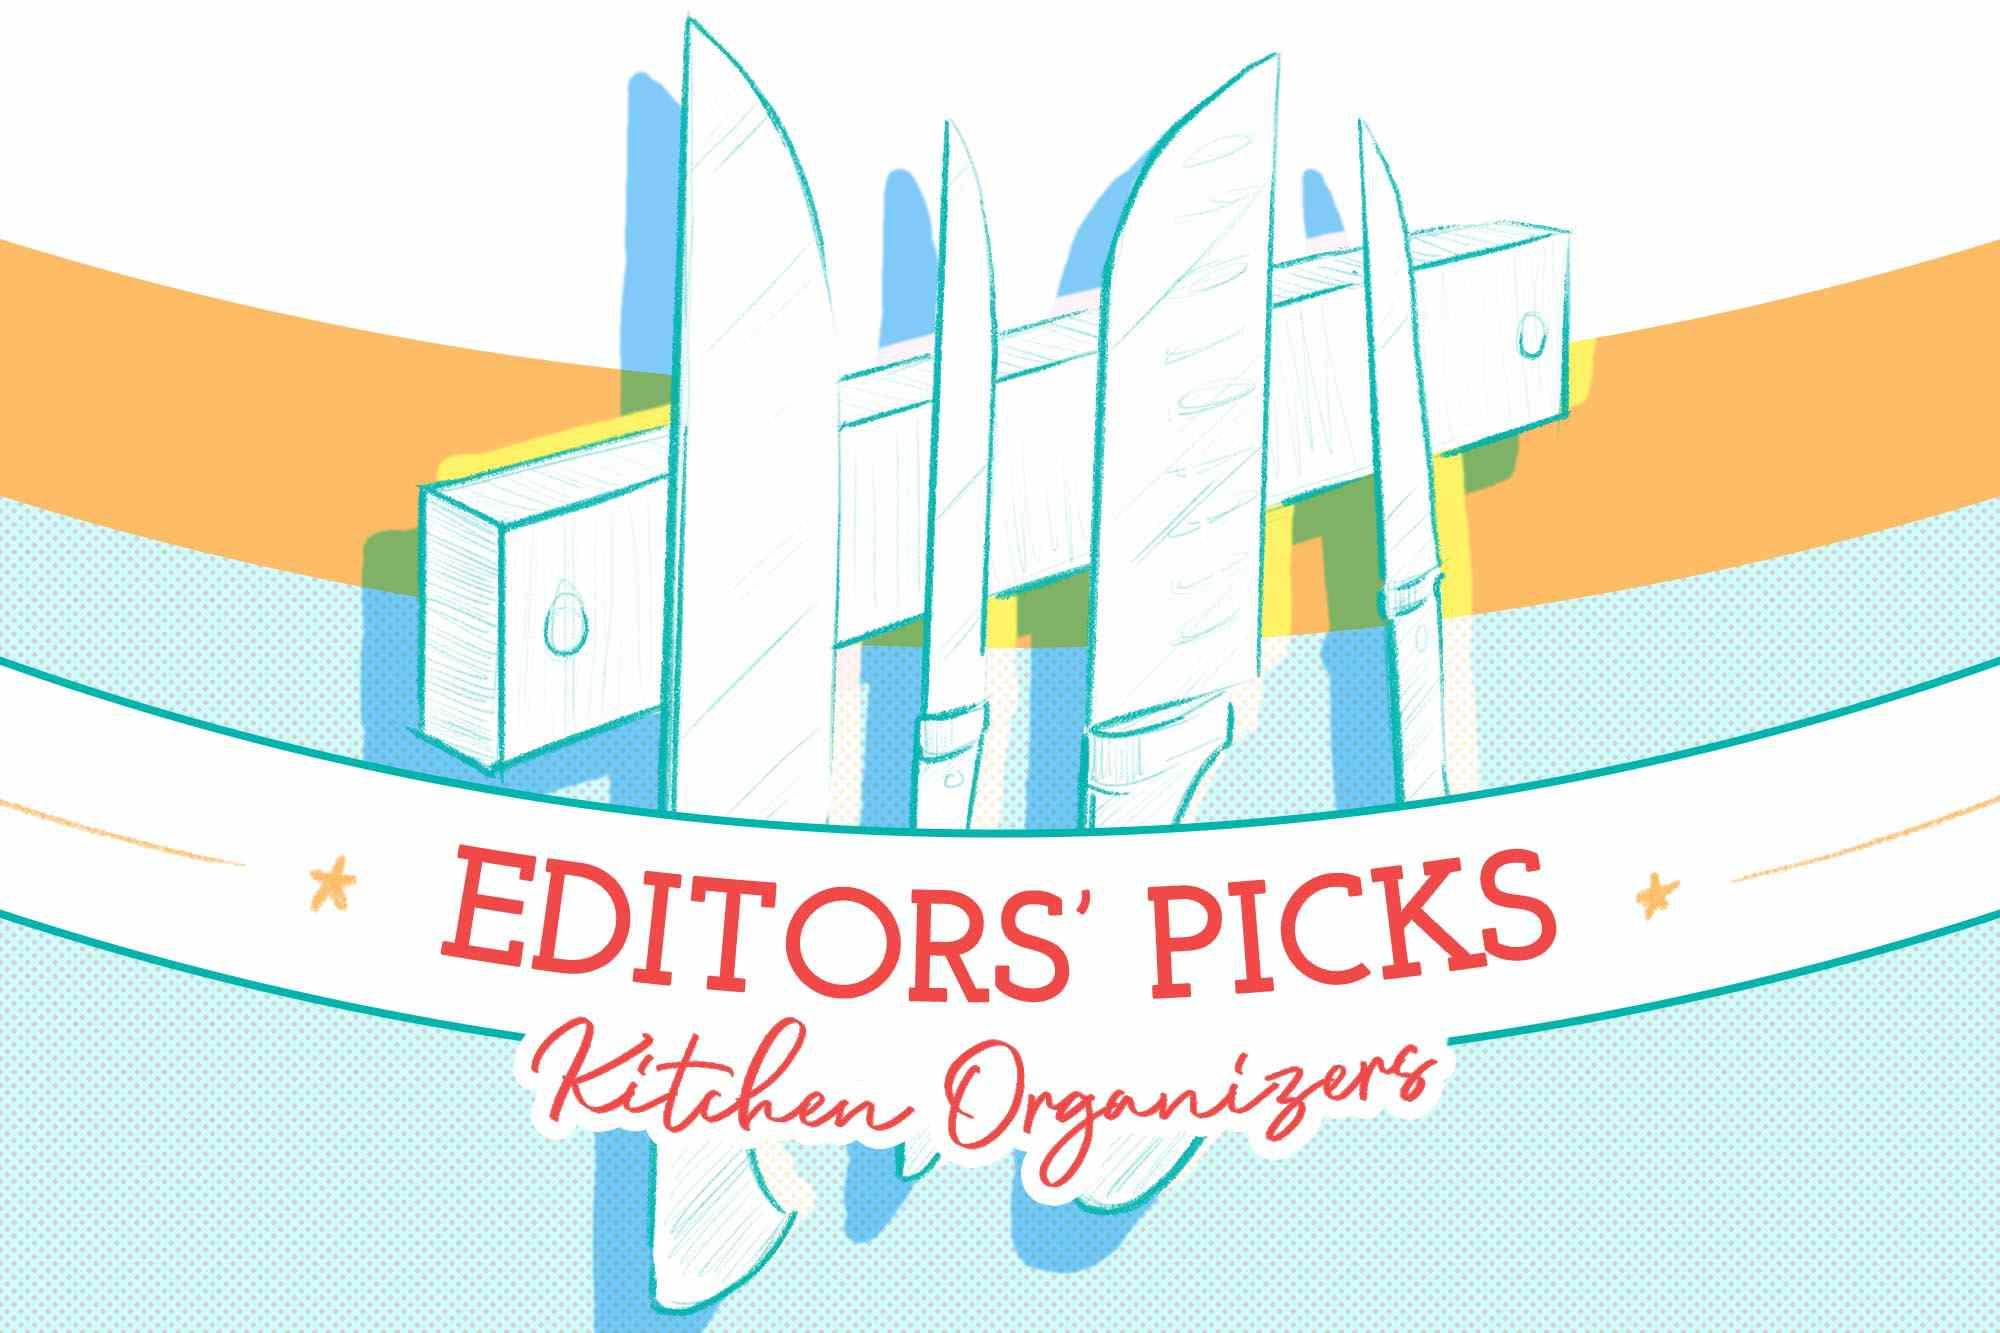 editors' picks kitchen organizers